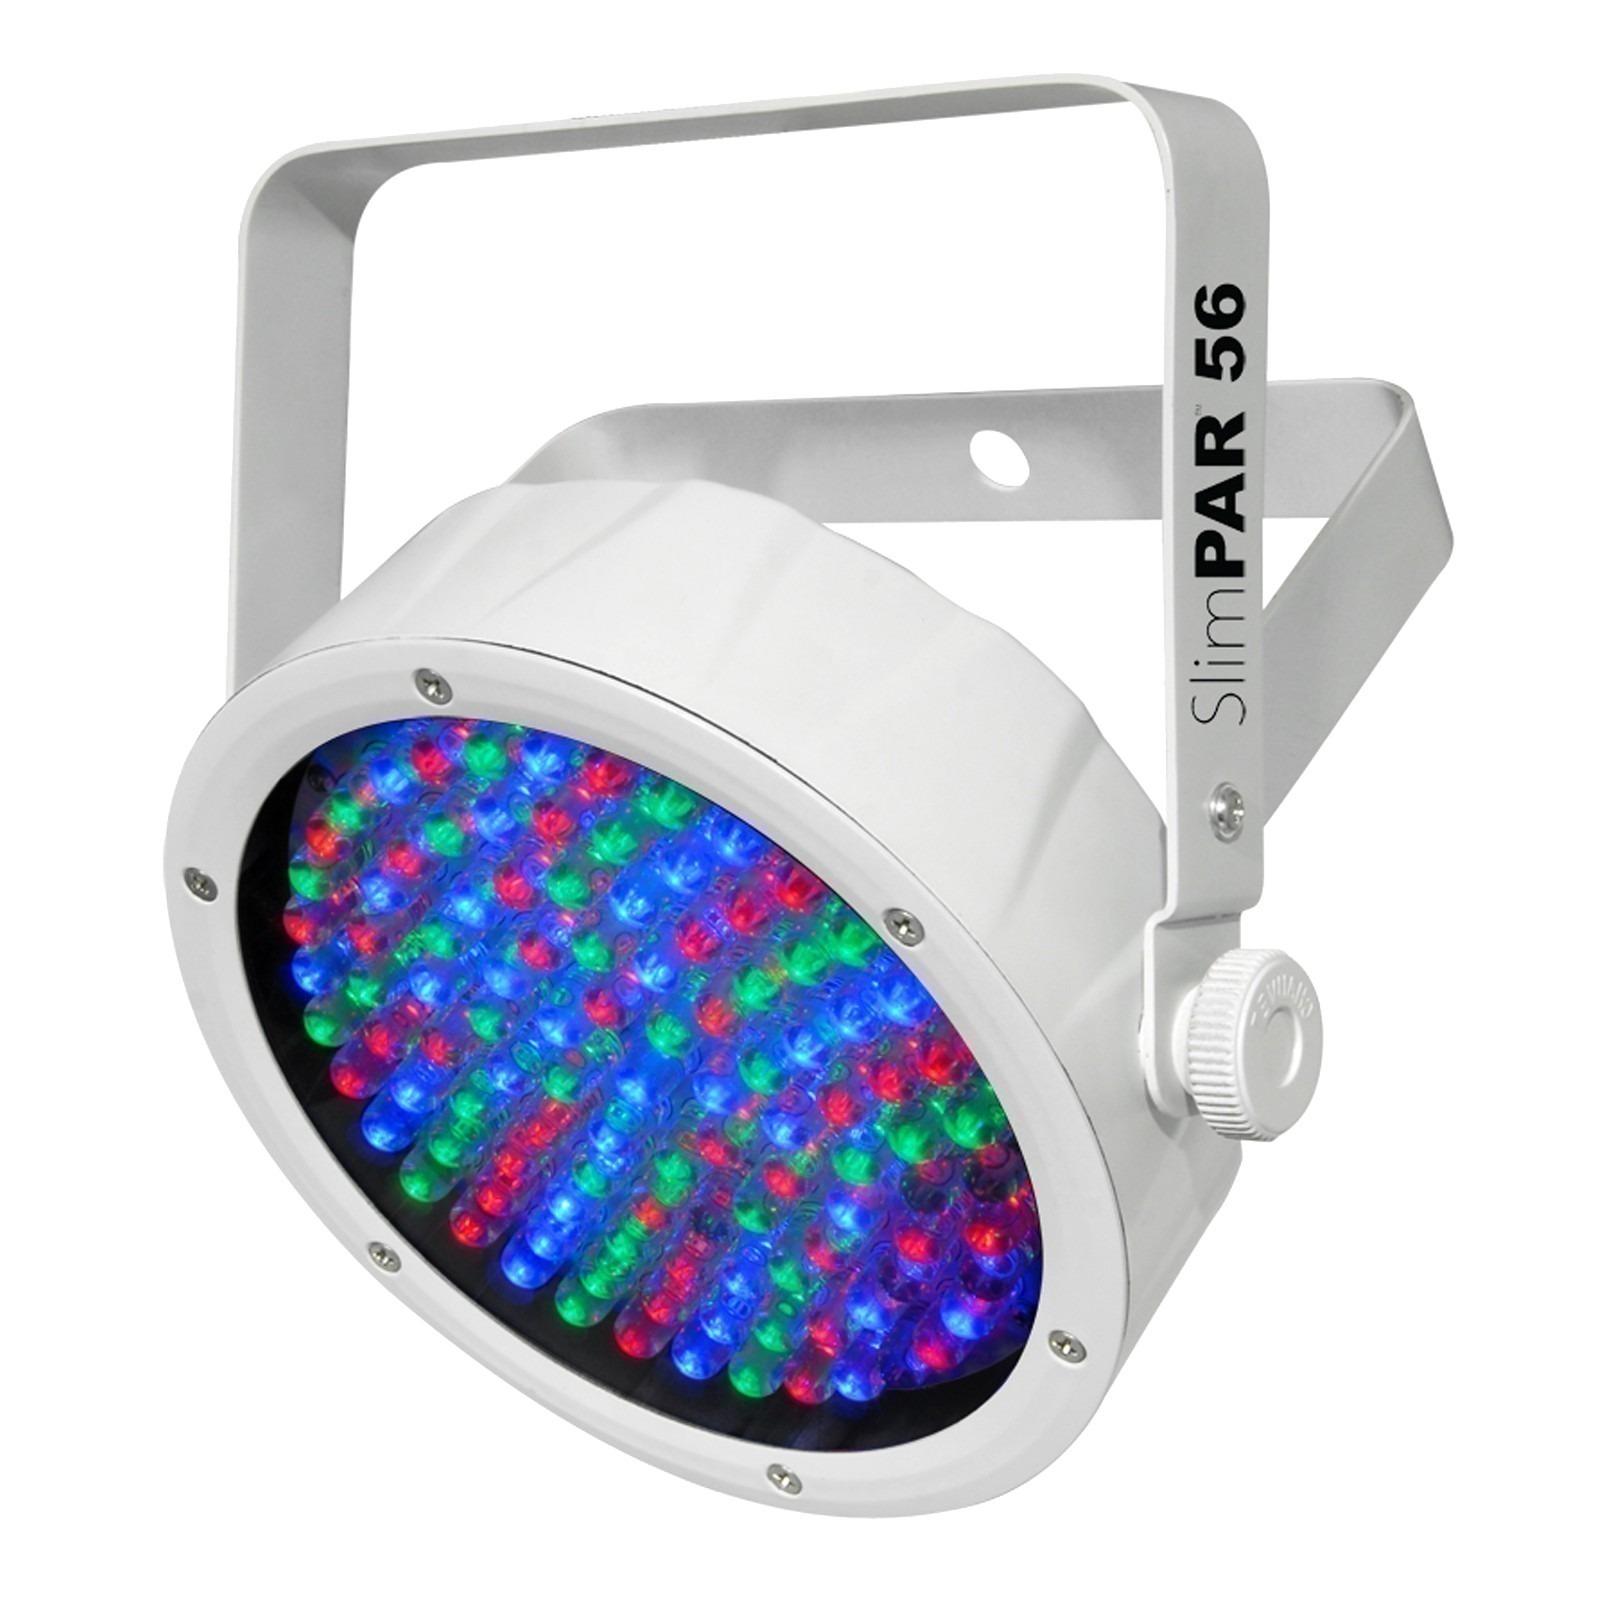 chauvet-dj-white-slimpar-56-led-uplight-2e9.jpg